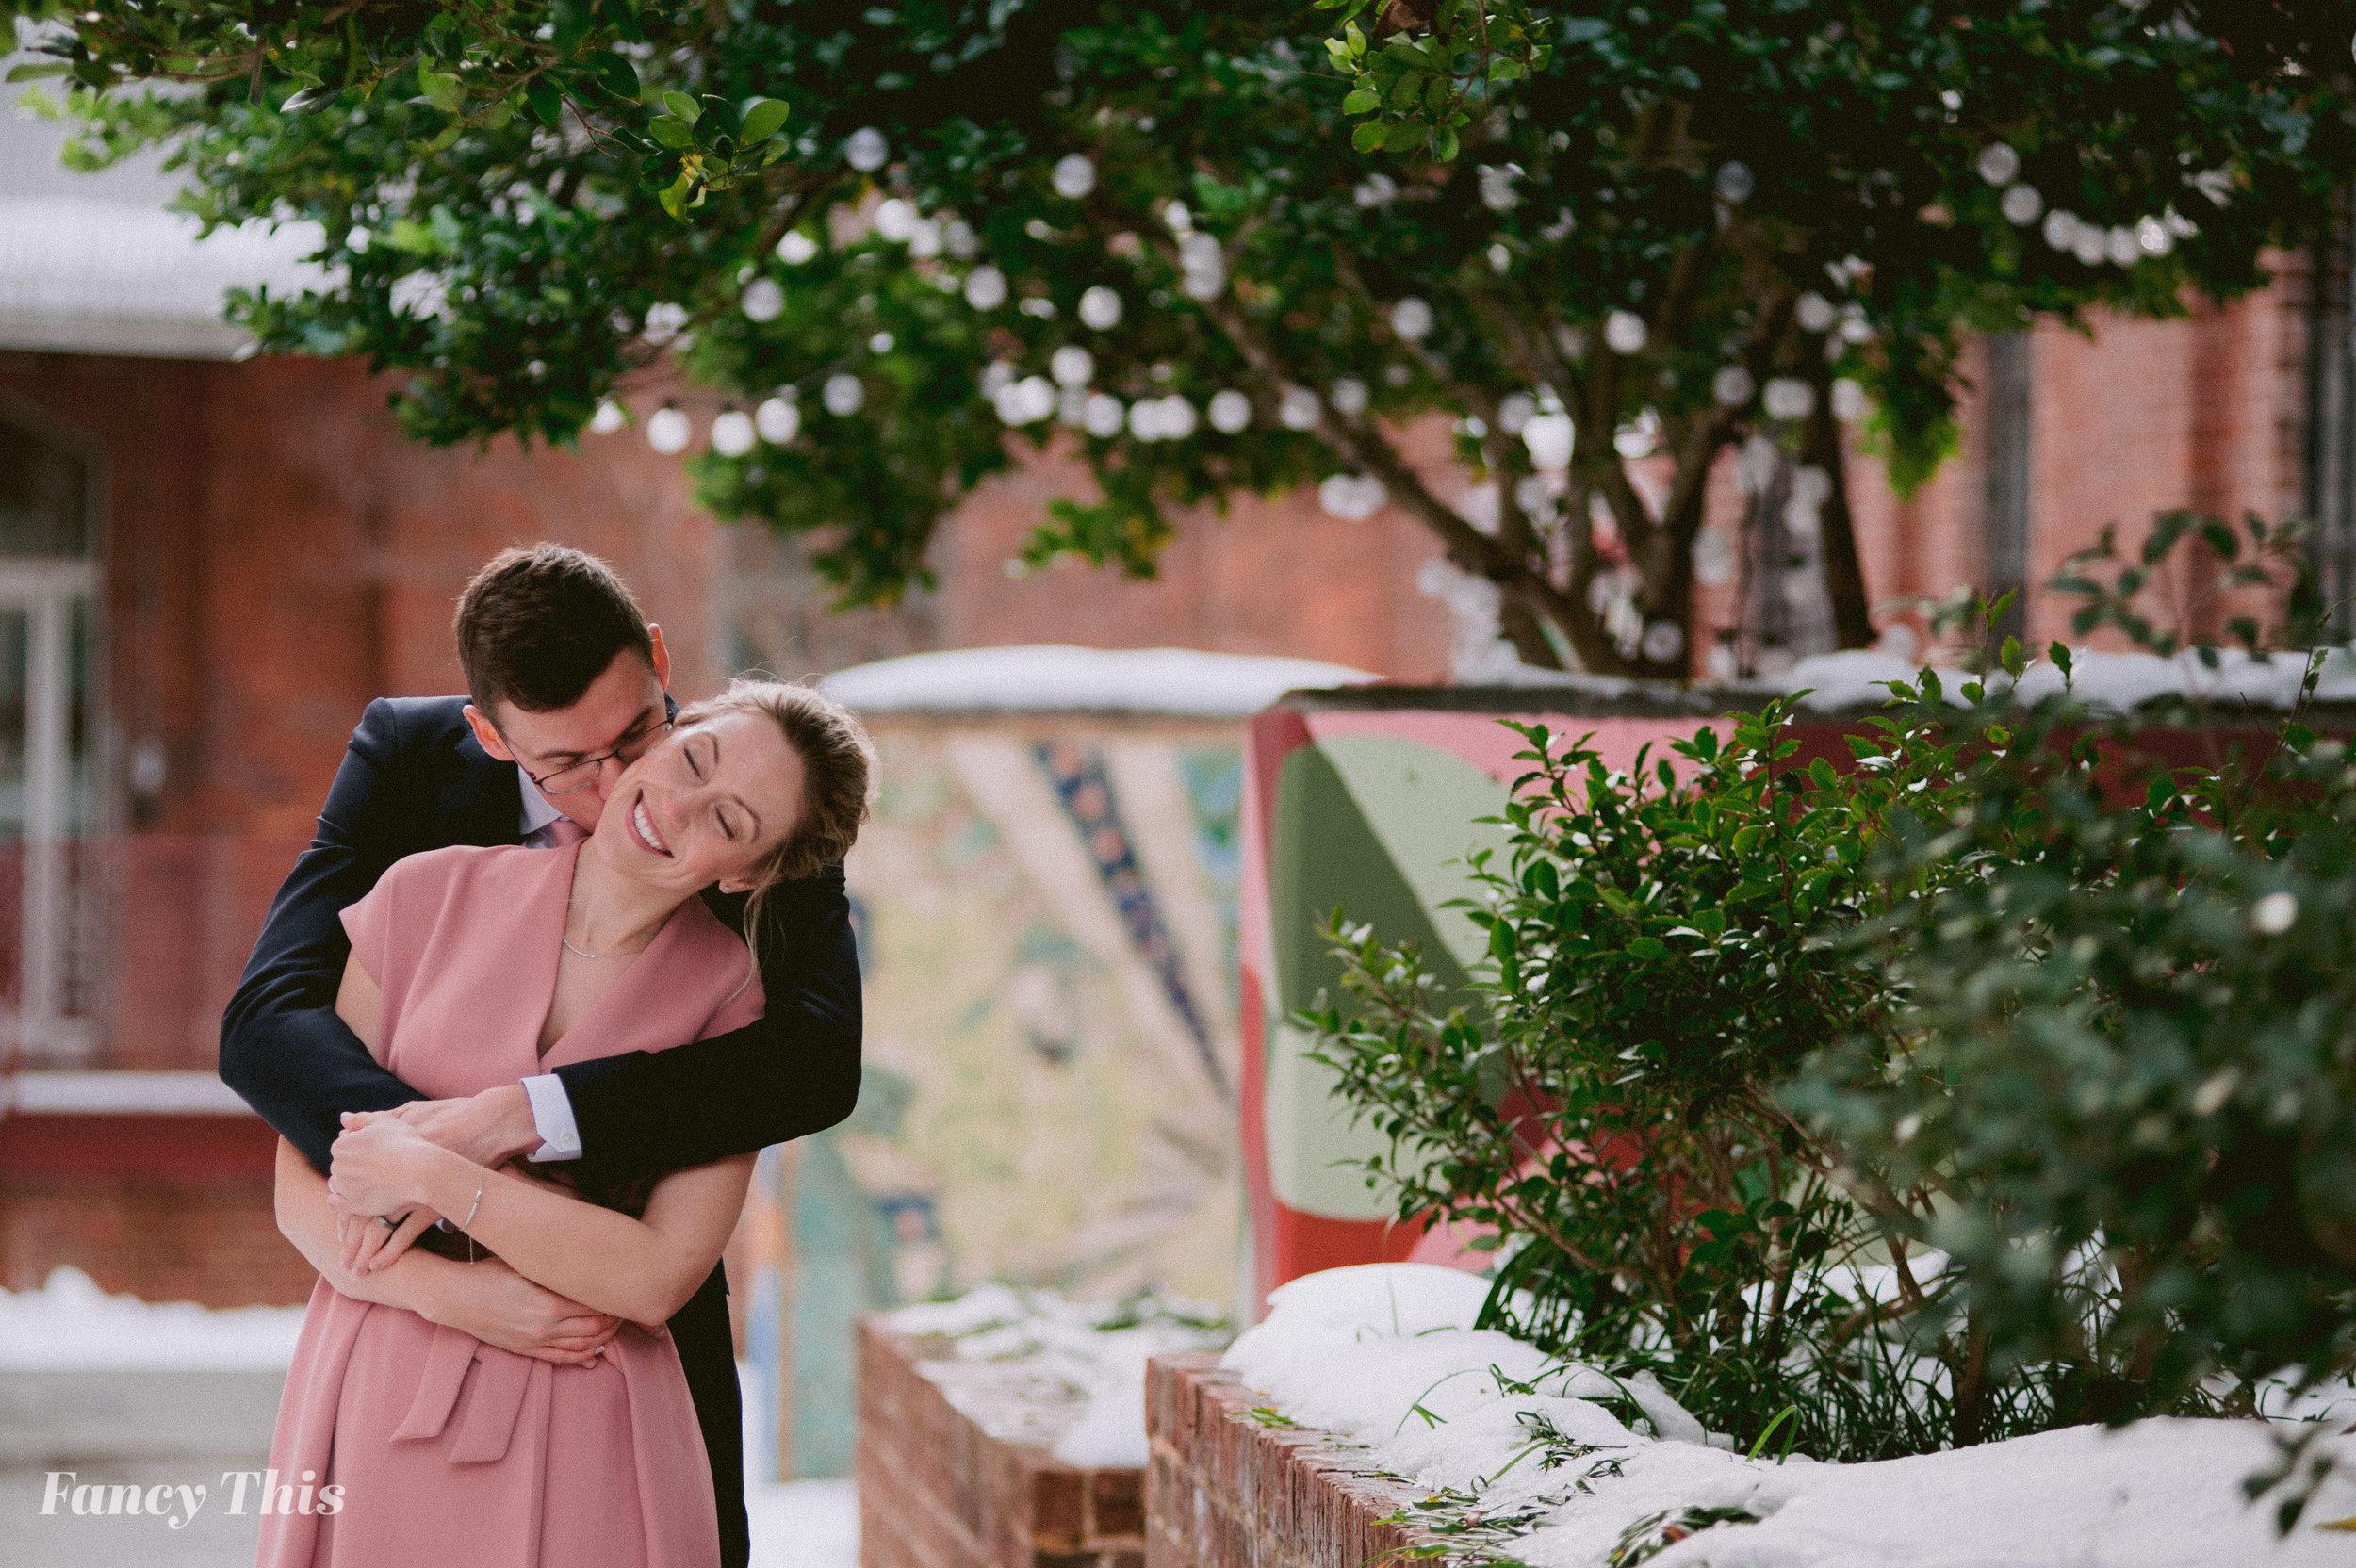 durhamcourthousewedding_fancythis_durhamweddingphotographer-36.jpg